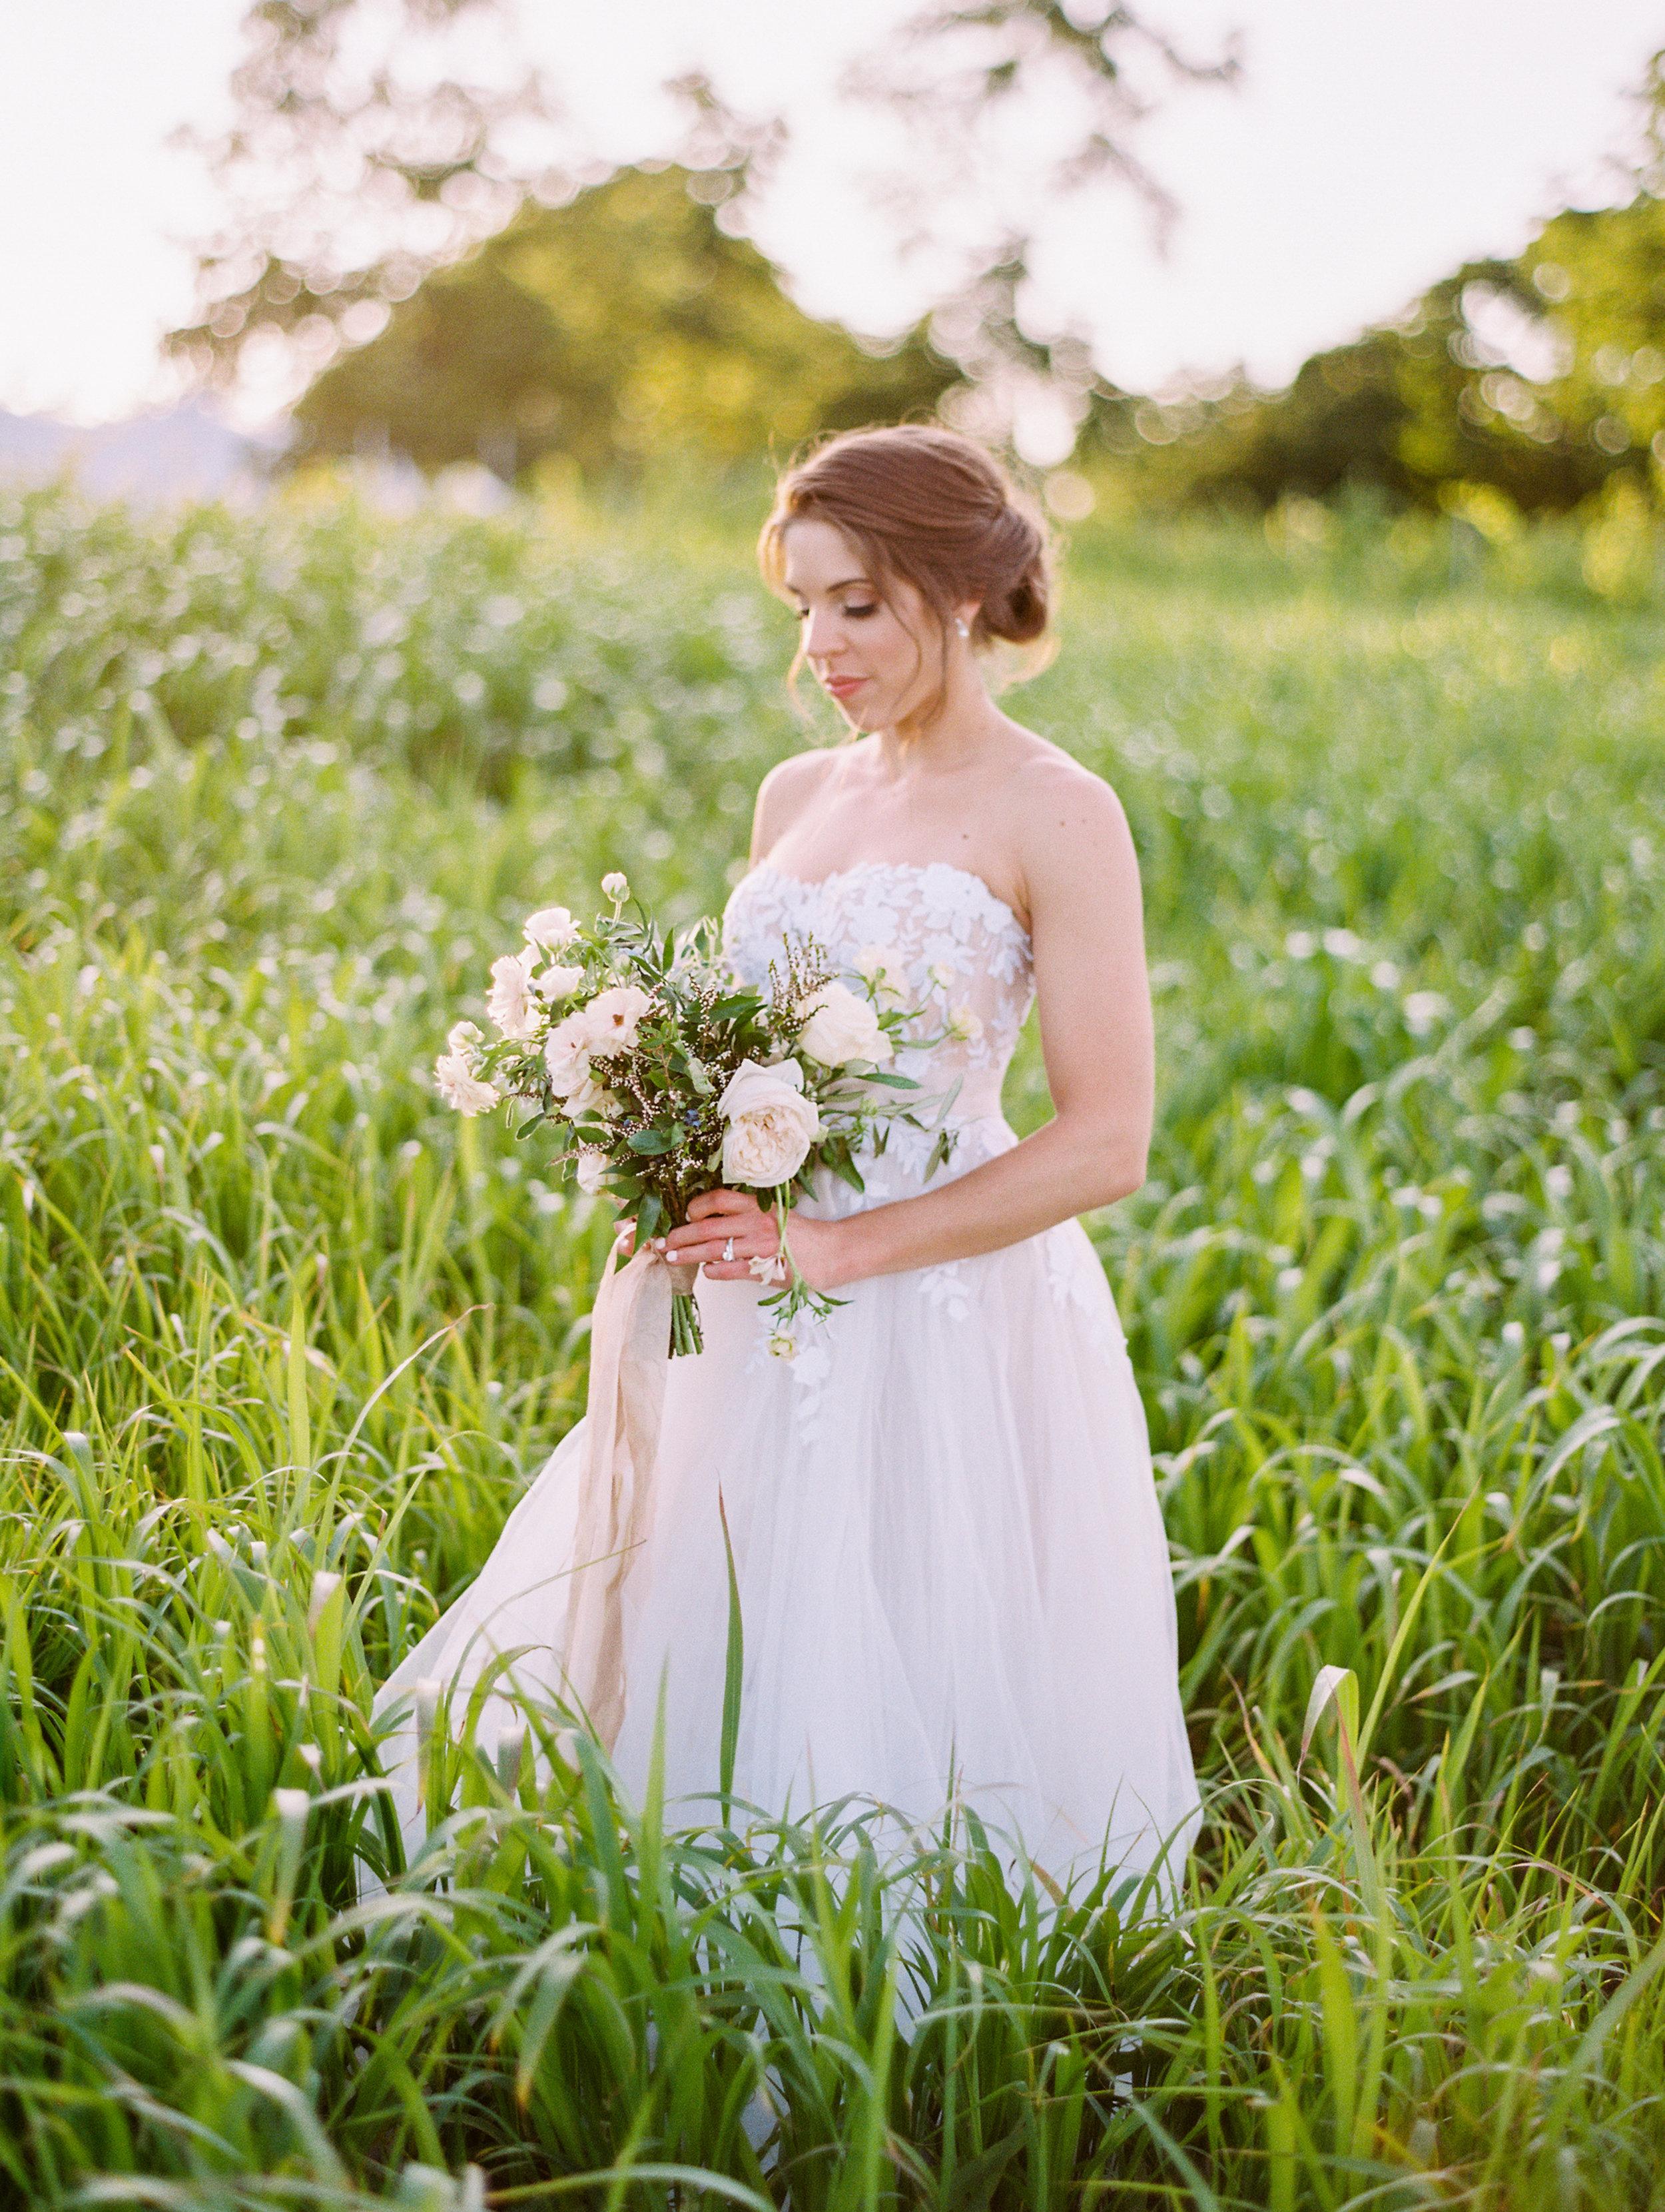 Steinlage+Wedding+Reception+Bride+Groom-56.jpg